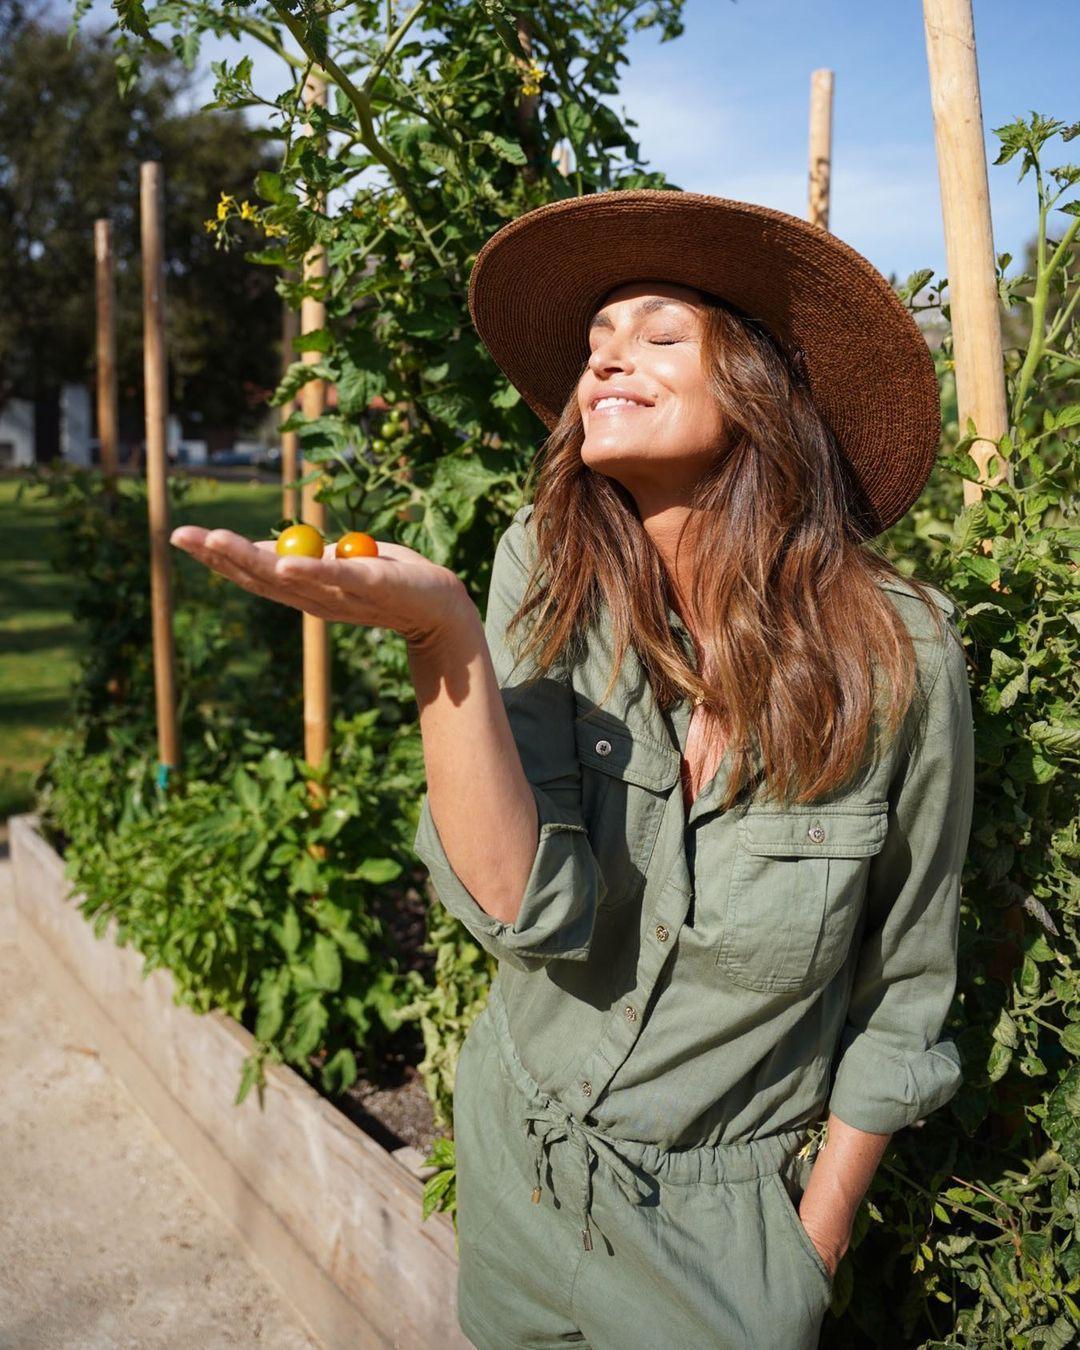 Синди Кроуфорд показала стильные образы / instagram.com/cindycrawford